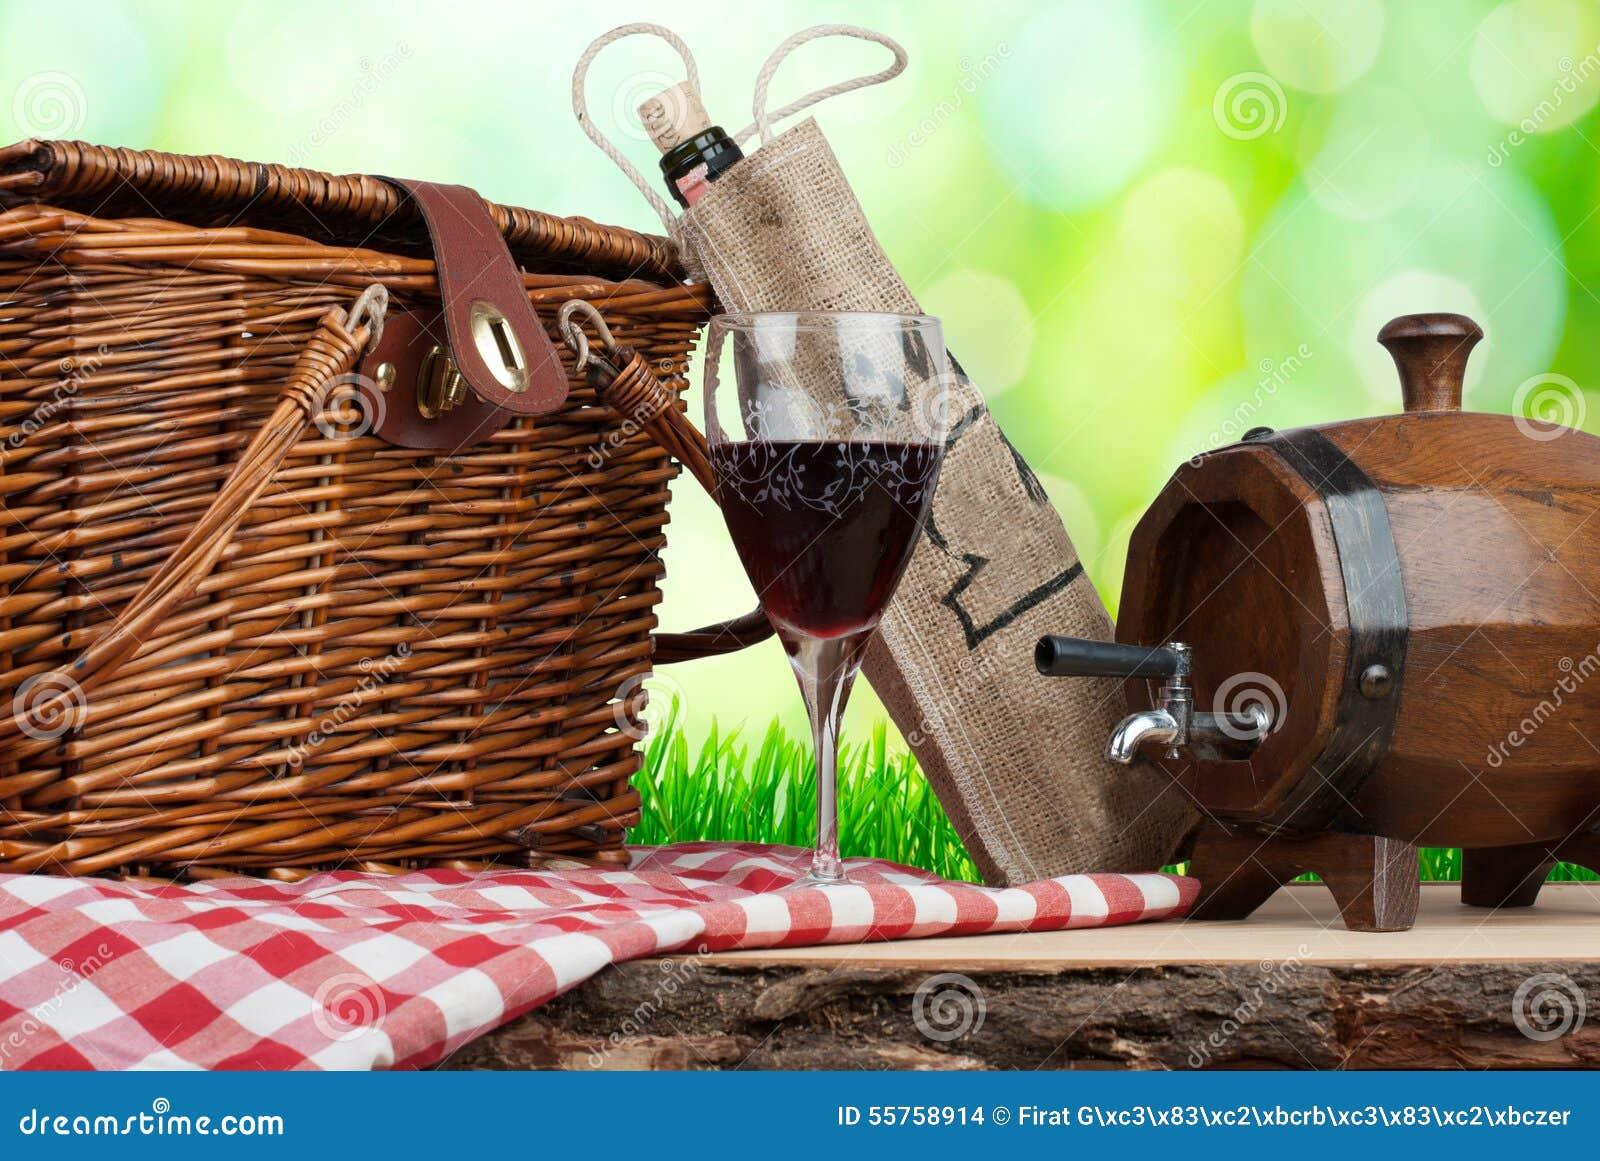 在桌上的野餐篮子与杯酒和大桶